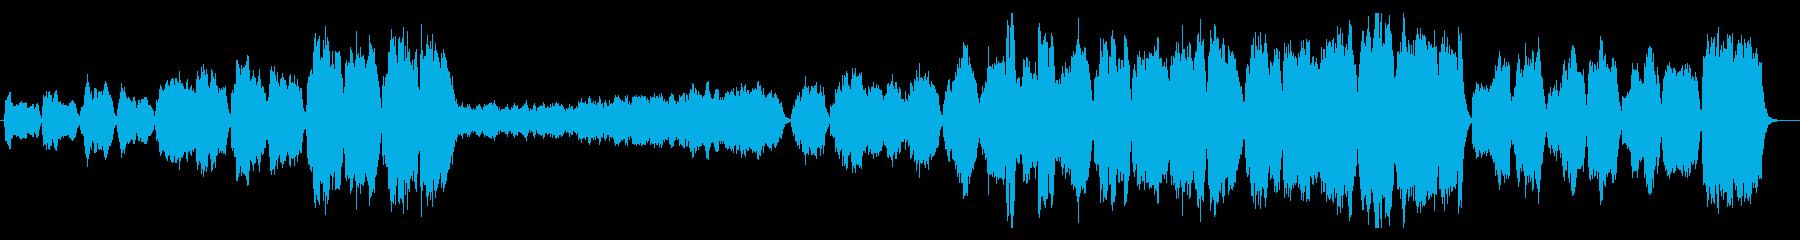 華やかで壮大なファンファーレの再生済みの波形